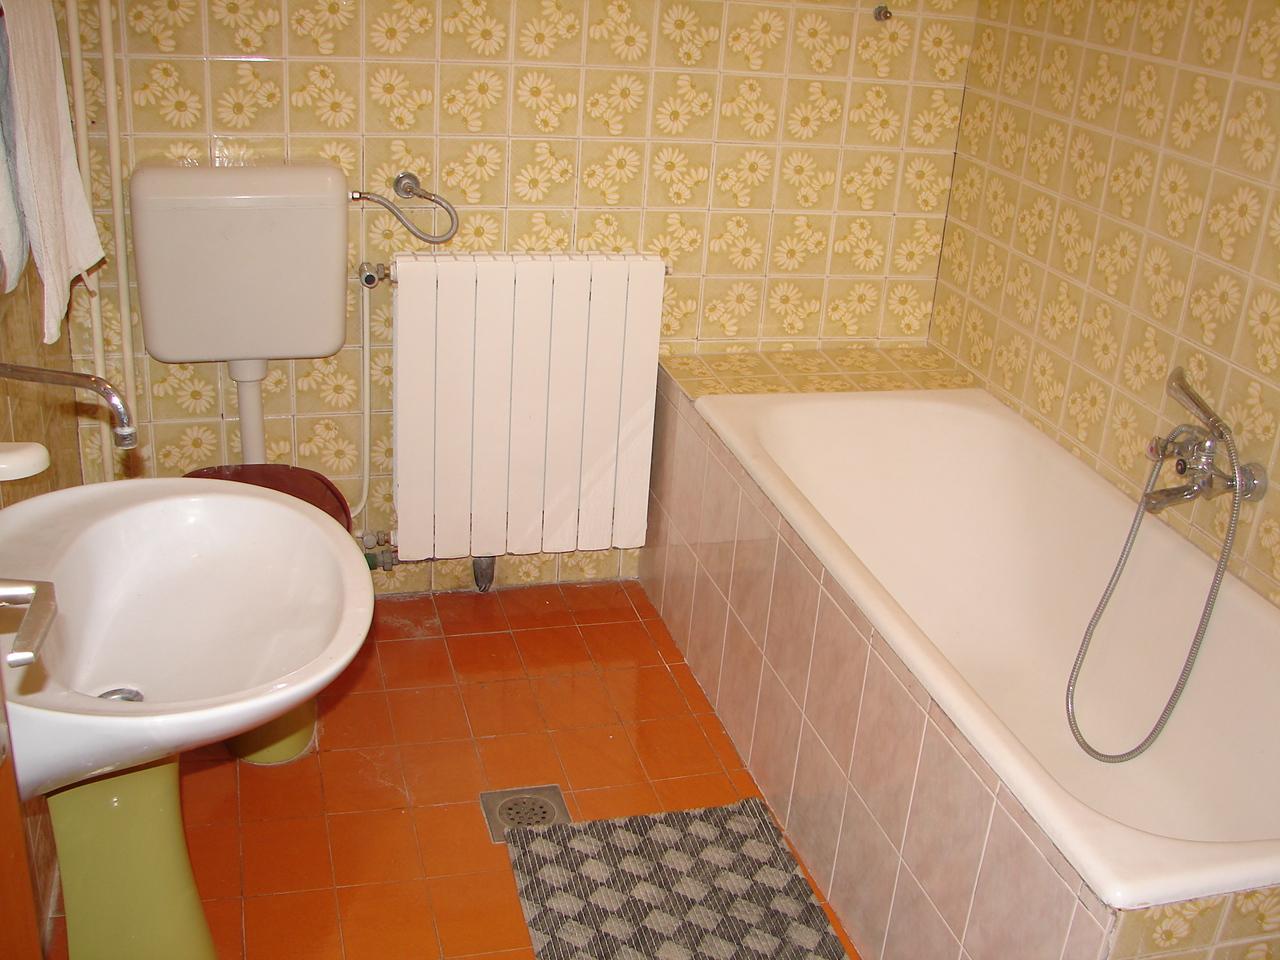 01606VODI - Vodice - Apartmanok Horvátország - A1(4+1): fürdőszoba toalettel